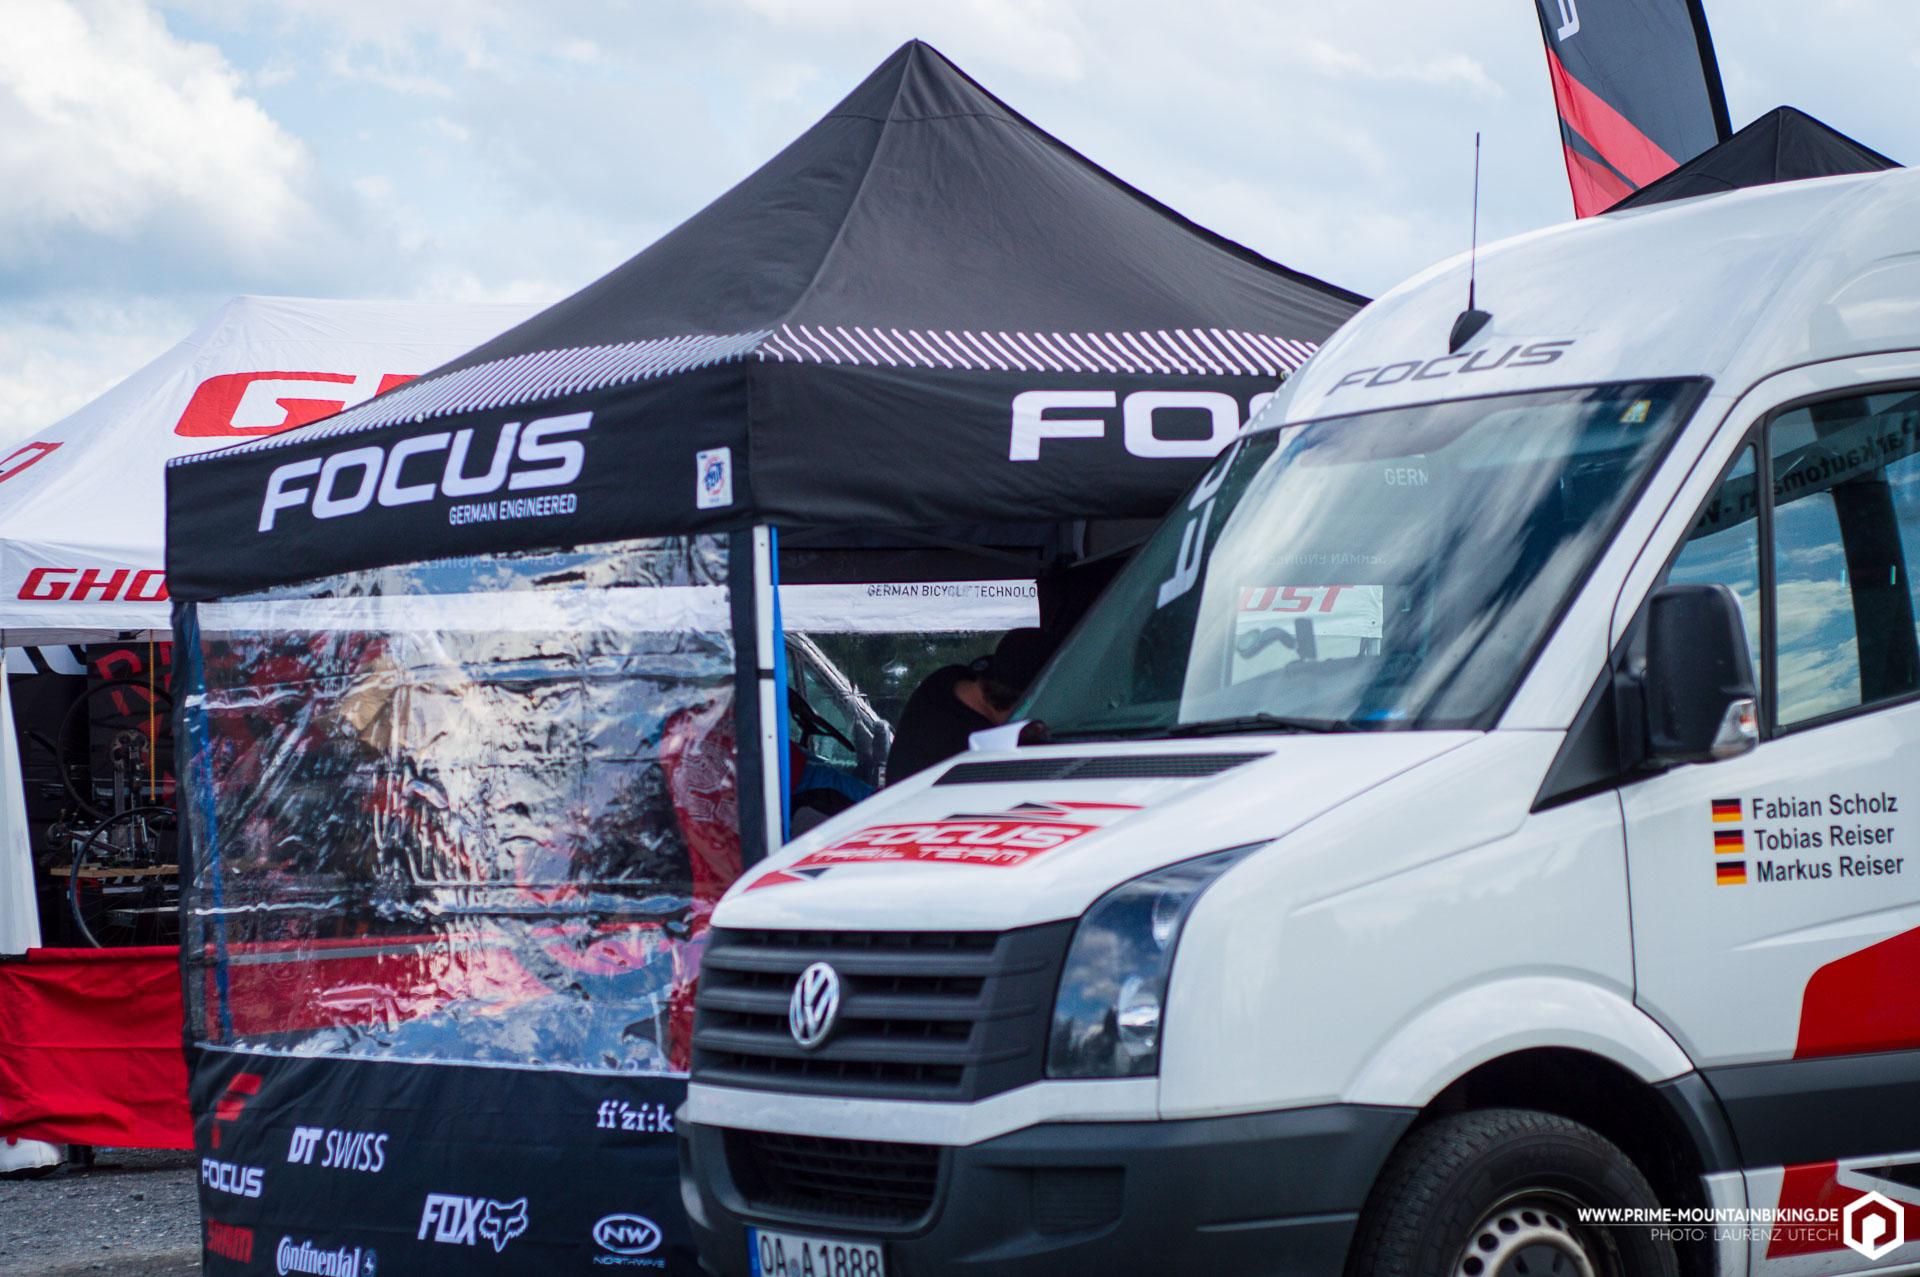 Focus und Ghost warten in diesem Jahr beide mit starker, deutscher Fahrerbesetzung auf.